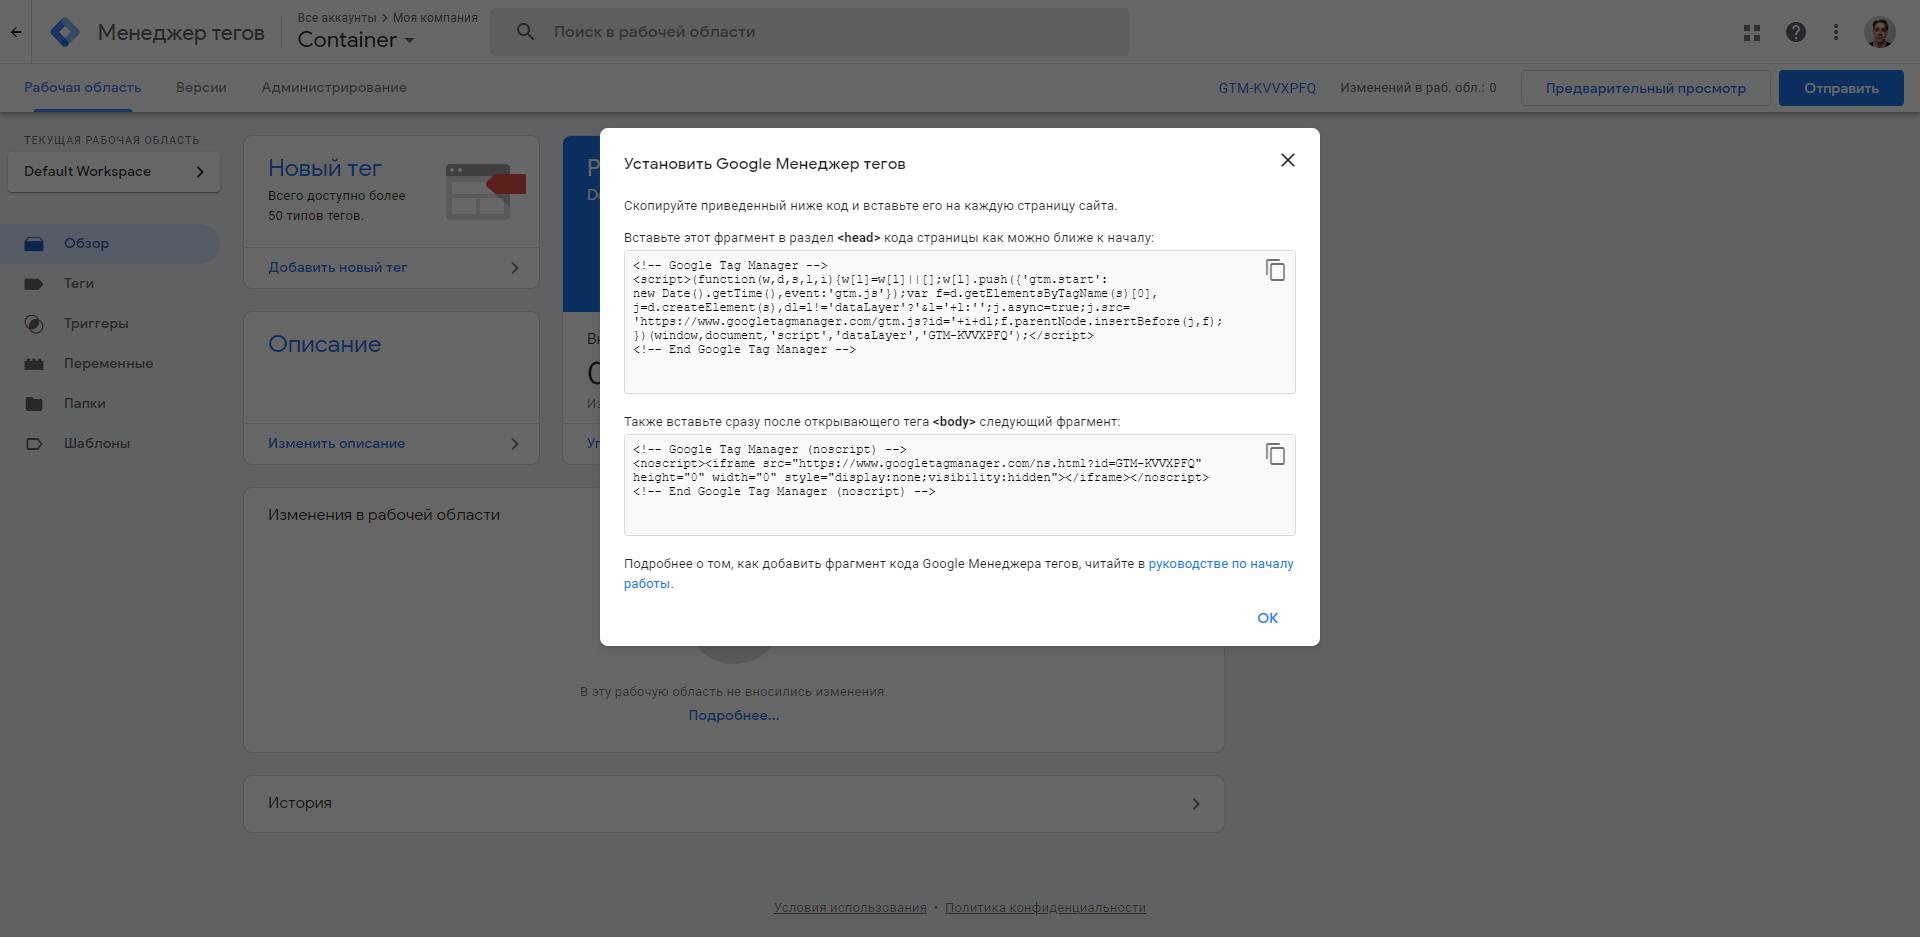 Как установить Google менеджер тегов к себе на сайт